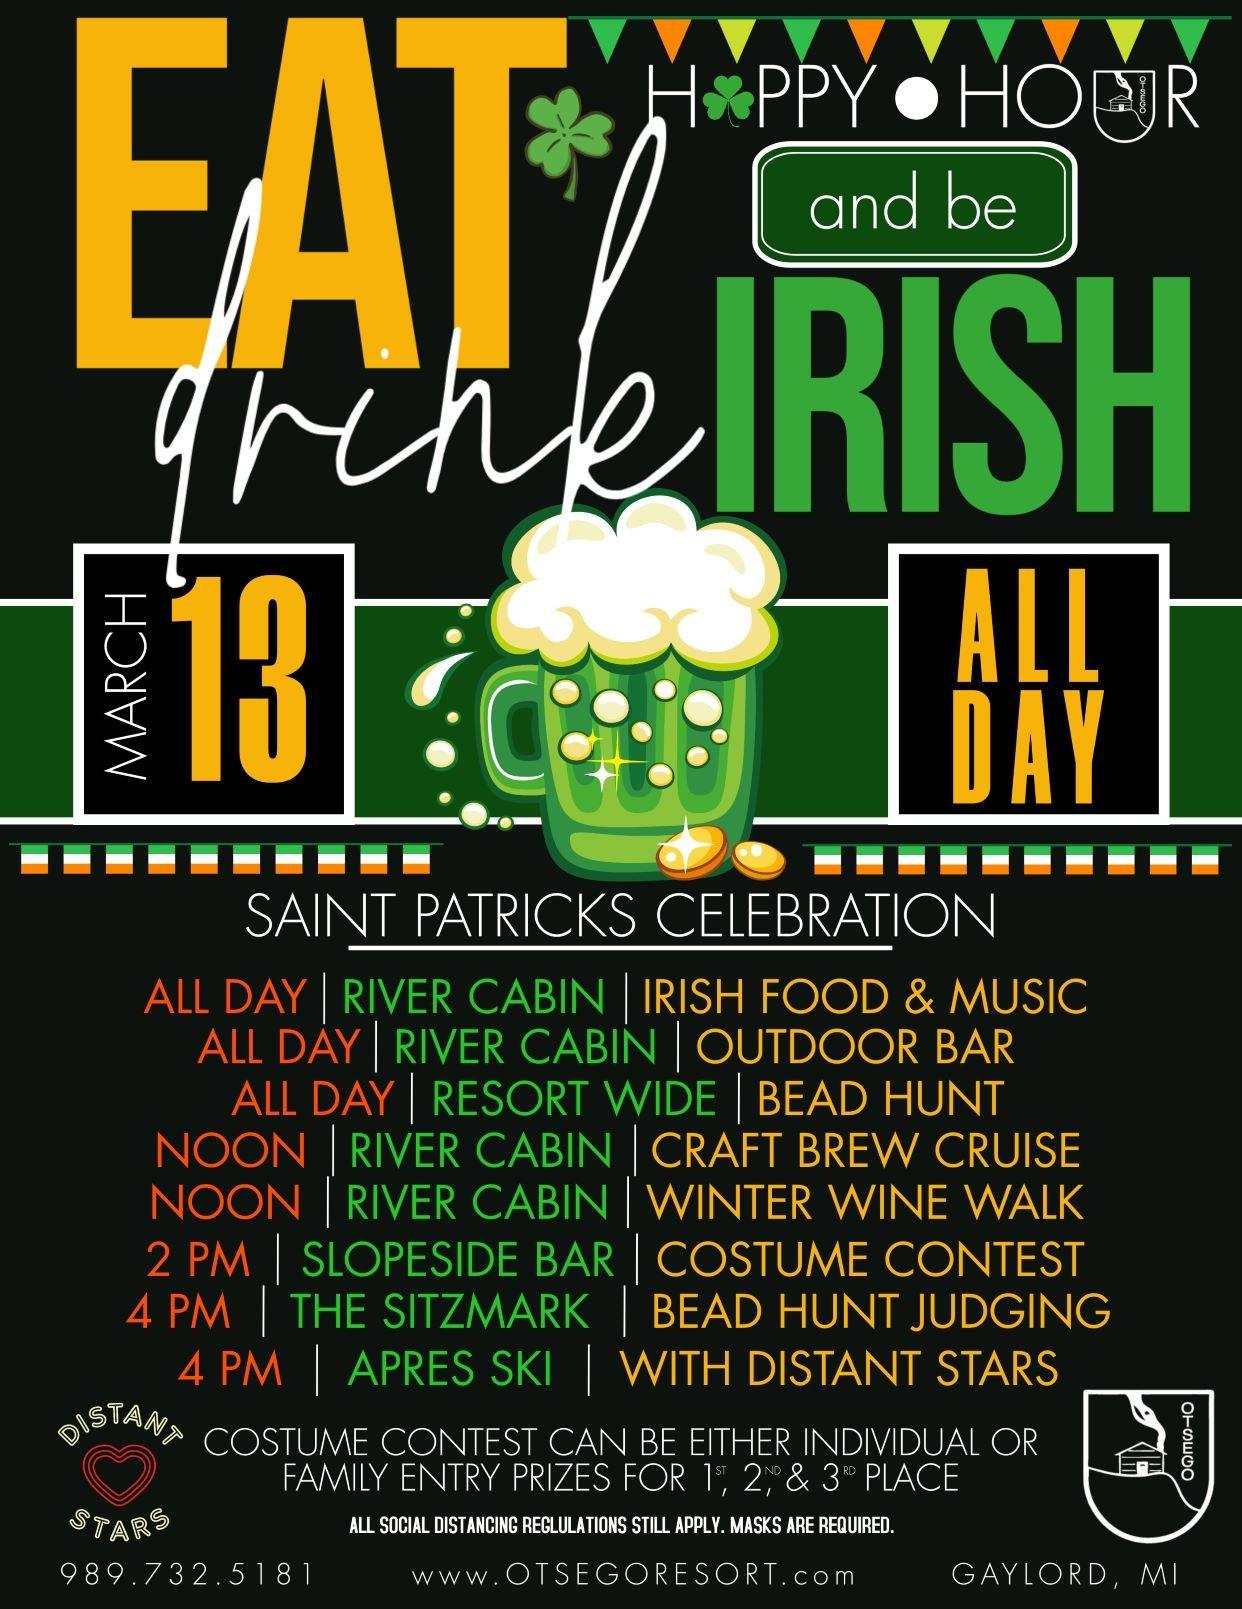 St.Patrick's Day Celebration flyer w/ band